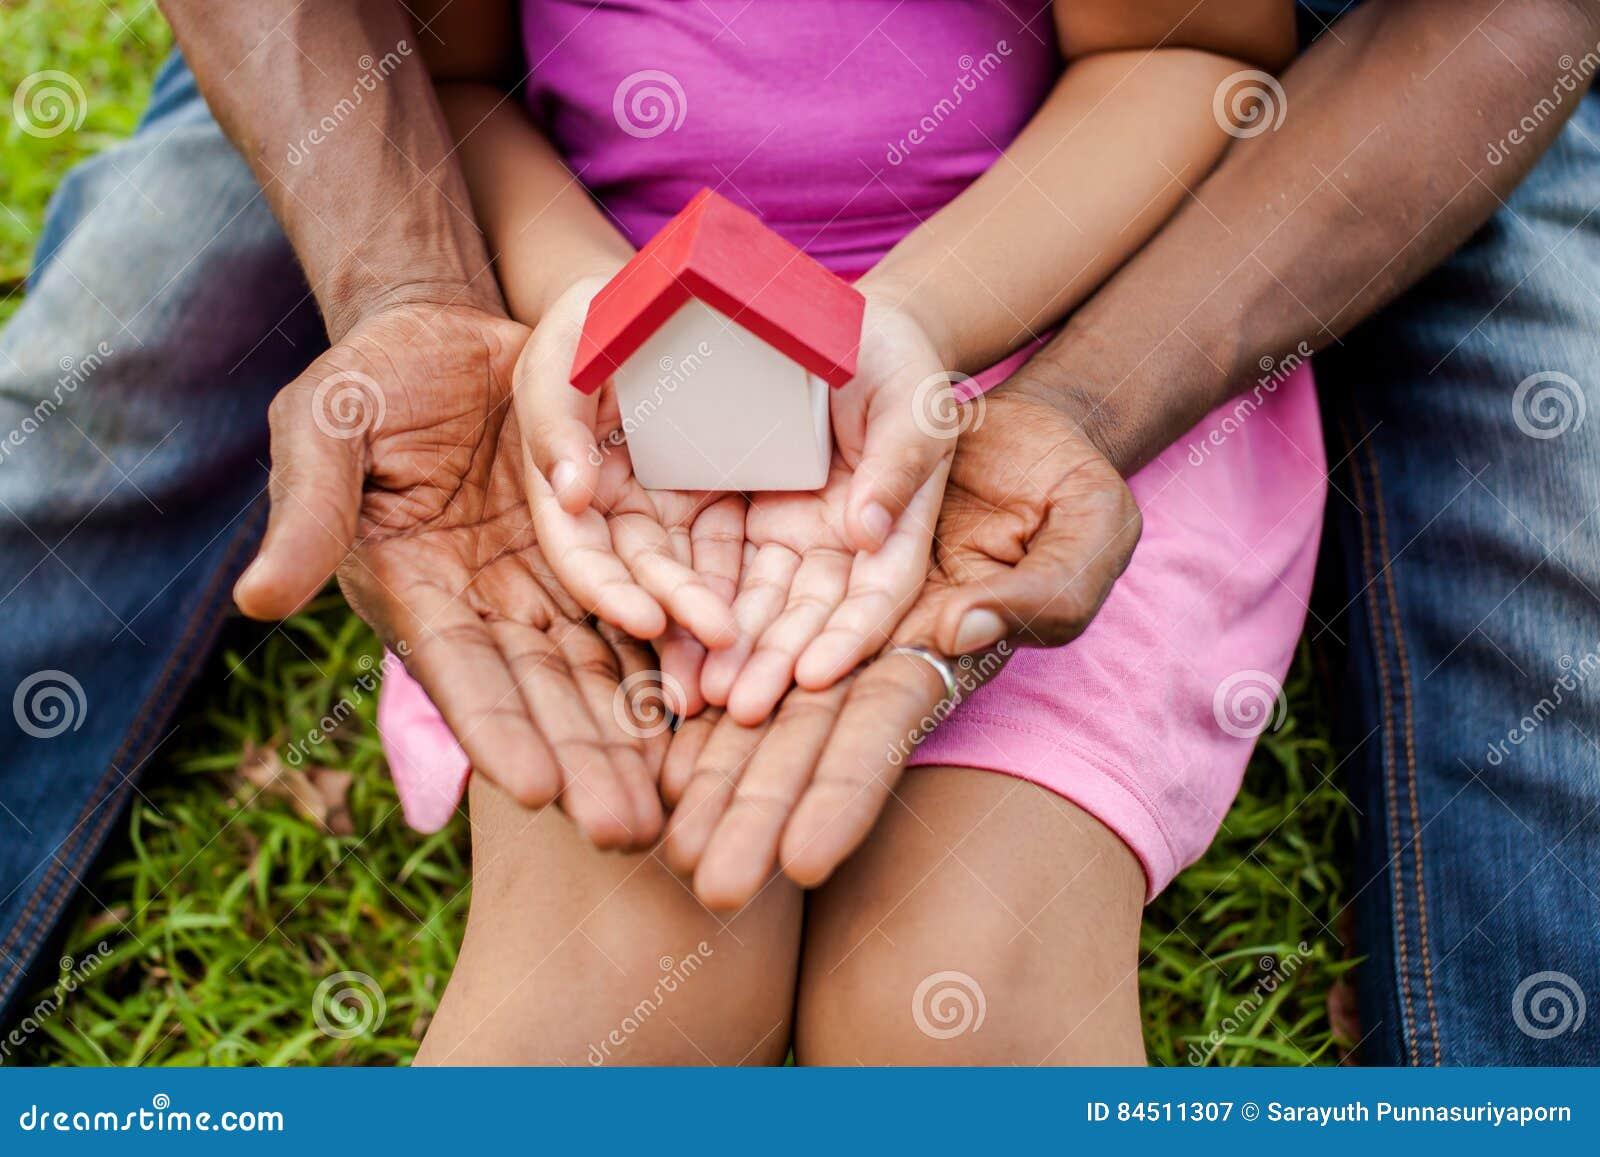 Mains de famille tenant ensemble la maison en parc vert - famille ho